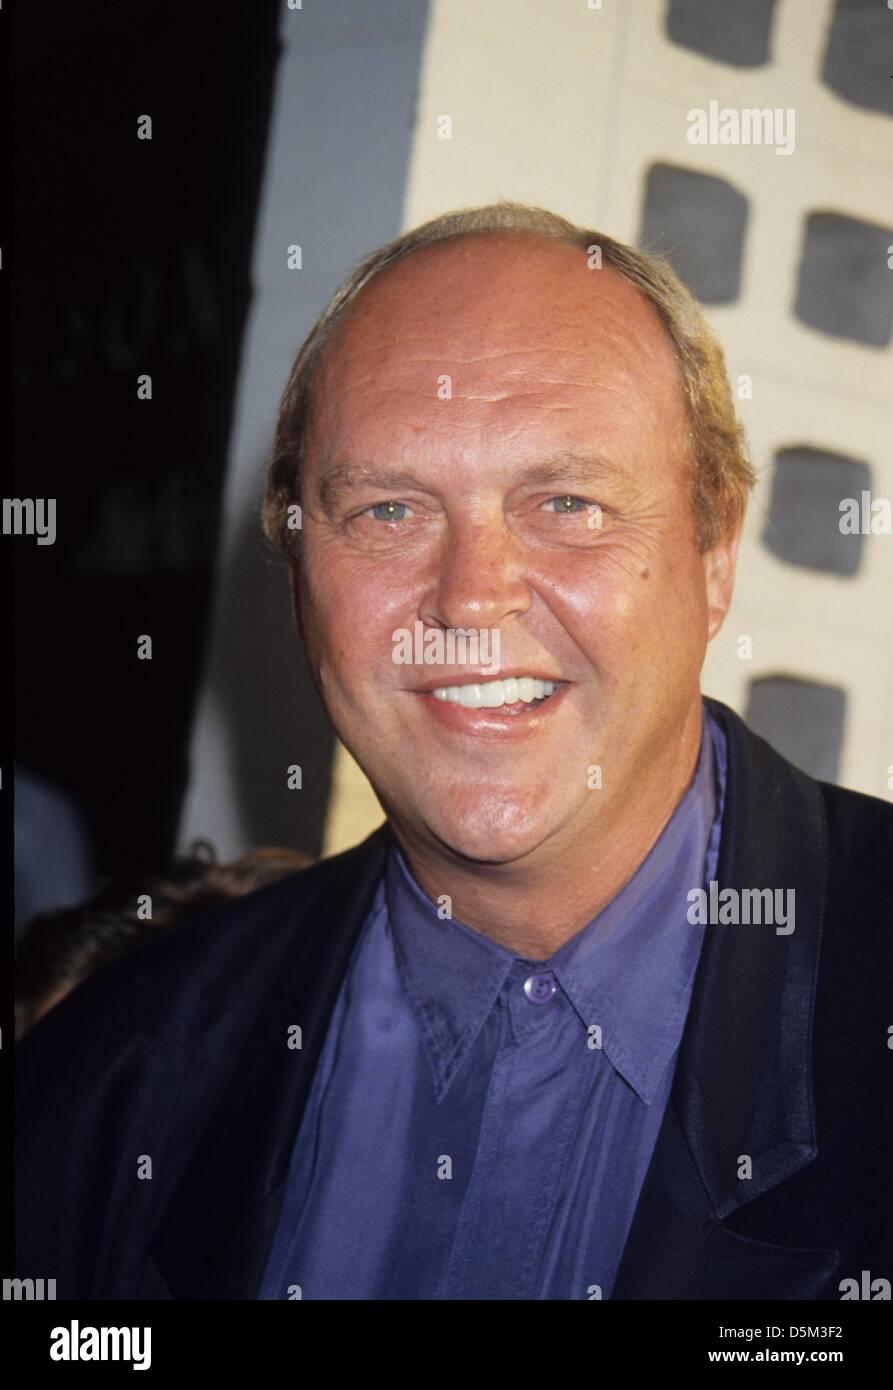 john ashton actor